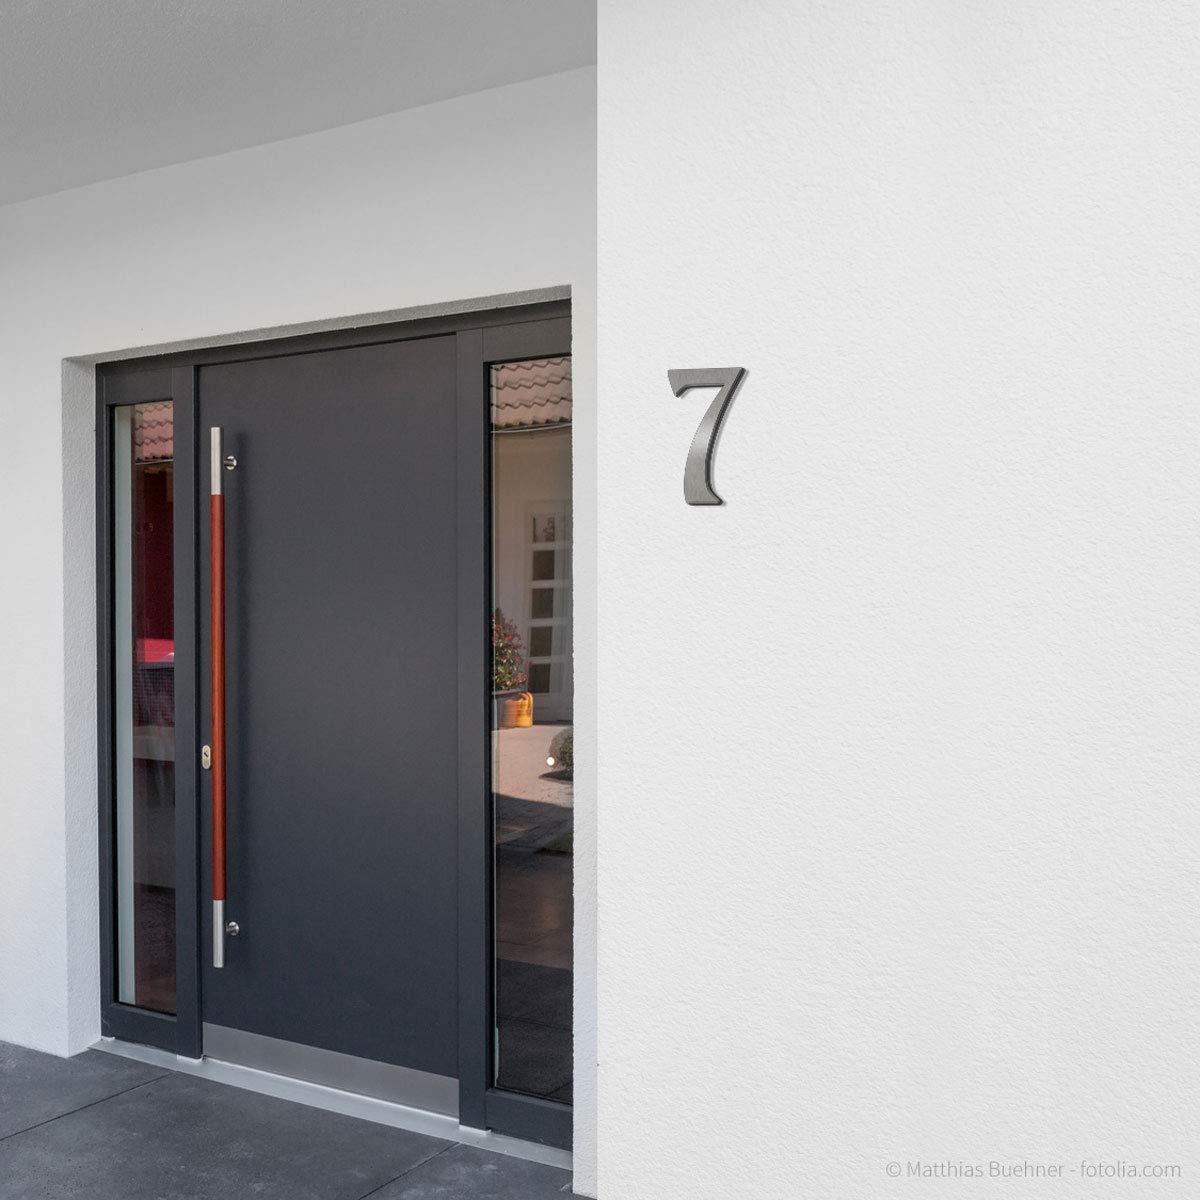 2 H: 160mm // 16cm Edelstahl geb/ürstet//geschliffen Thorwa/® verschn/örkelte Design Edelstahl Hausnummer Cabaletta Stil